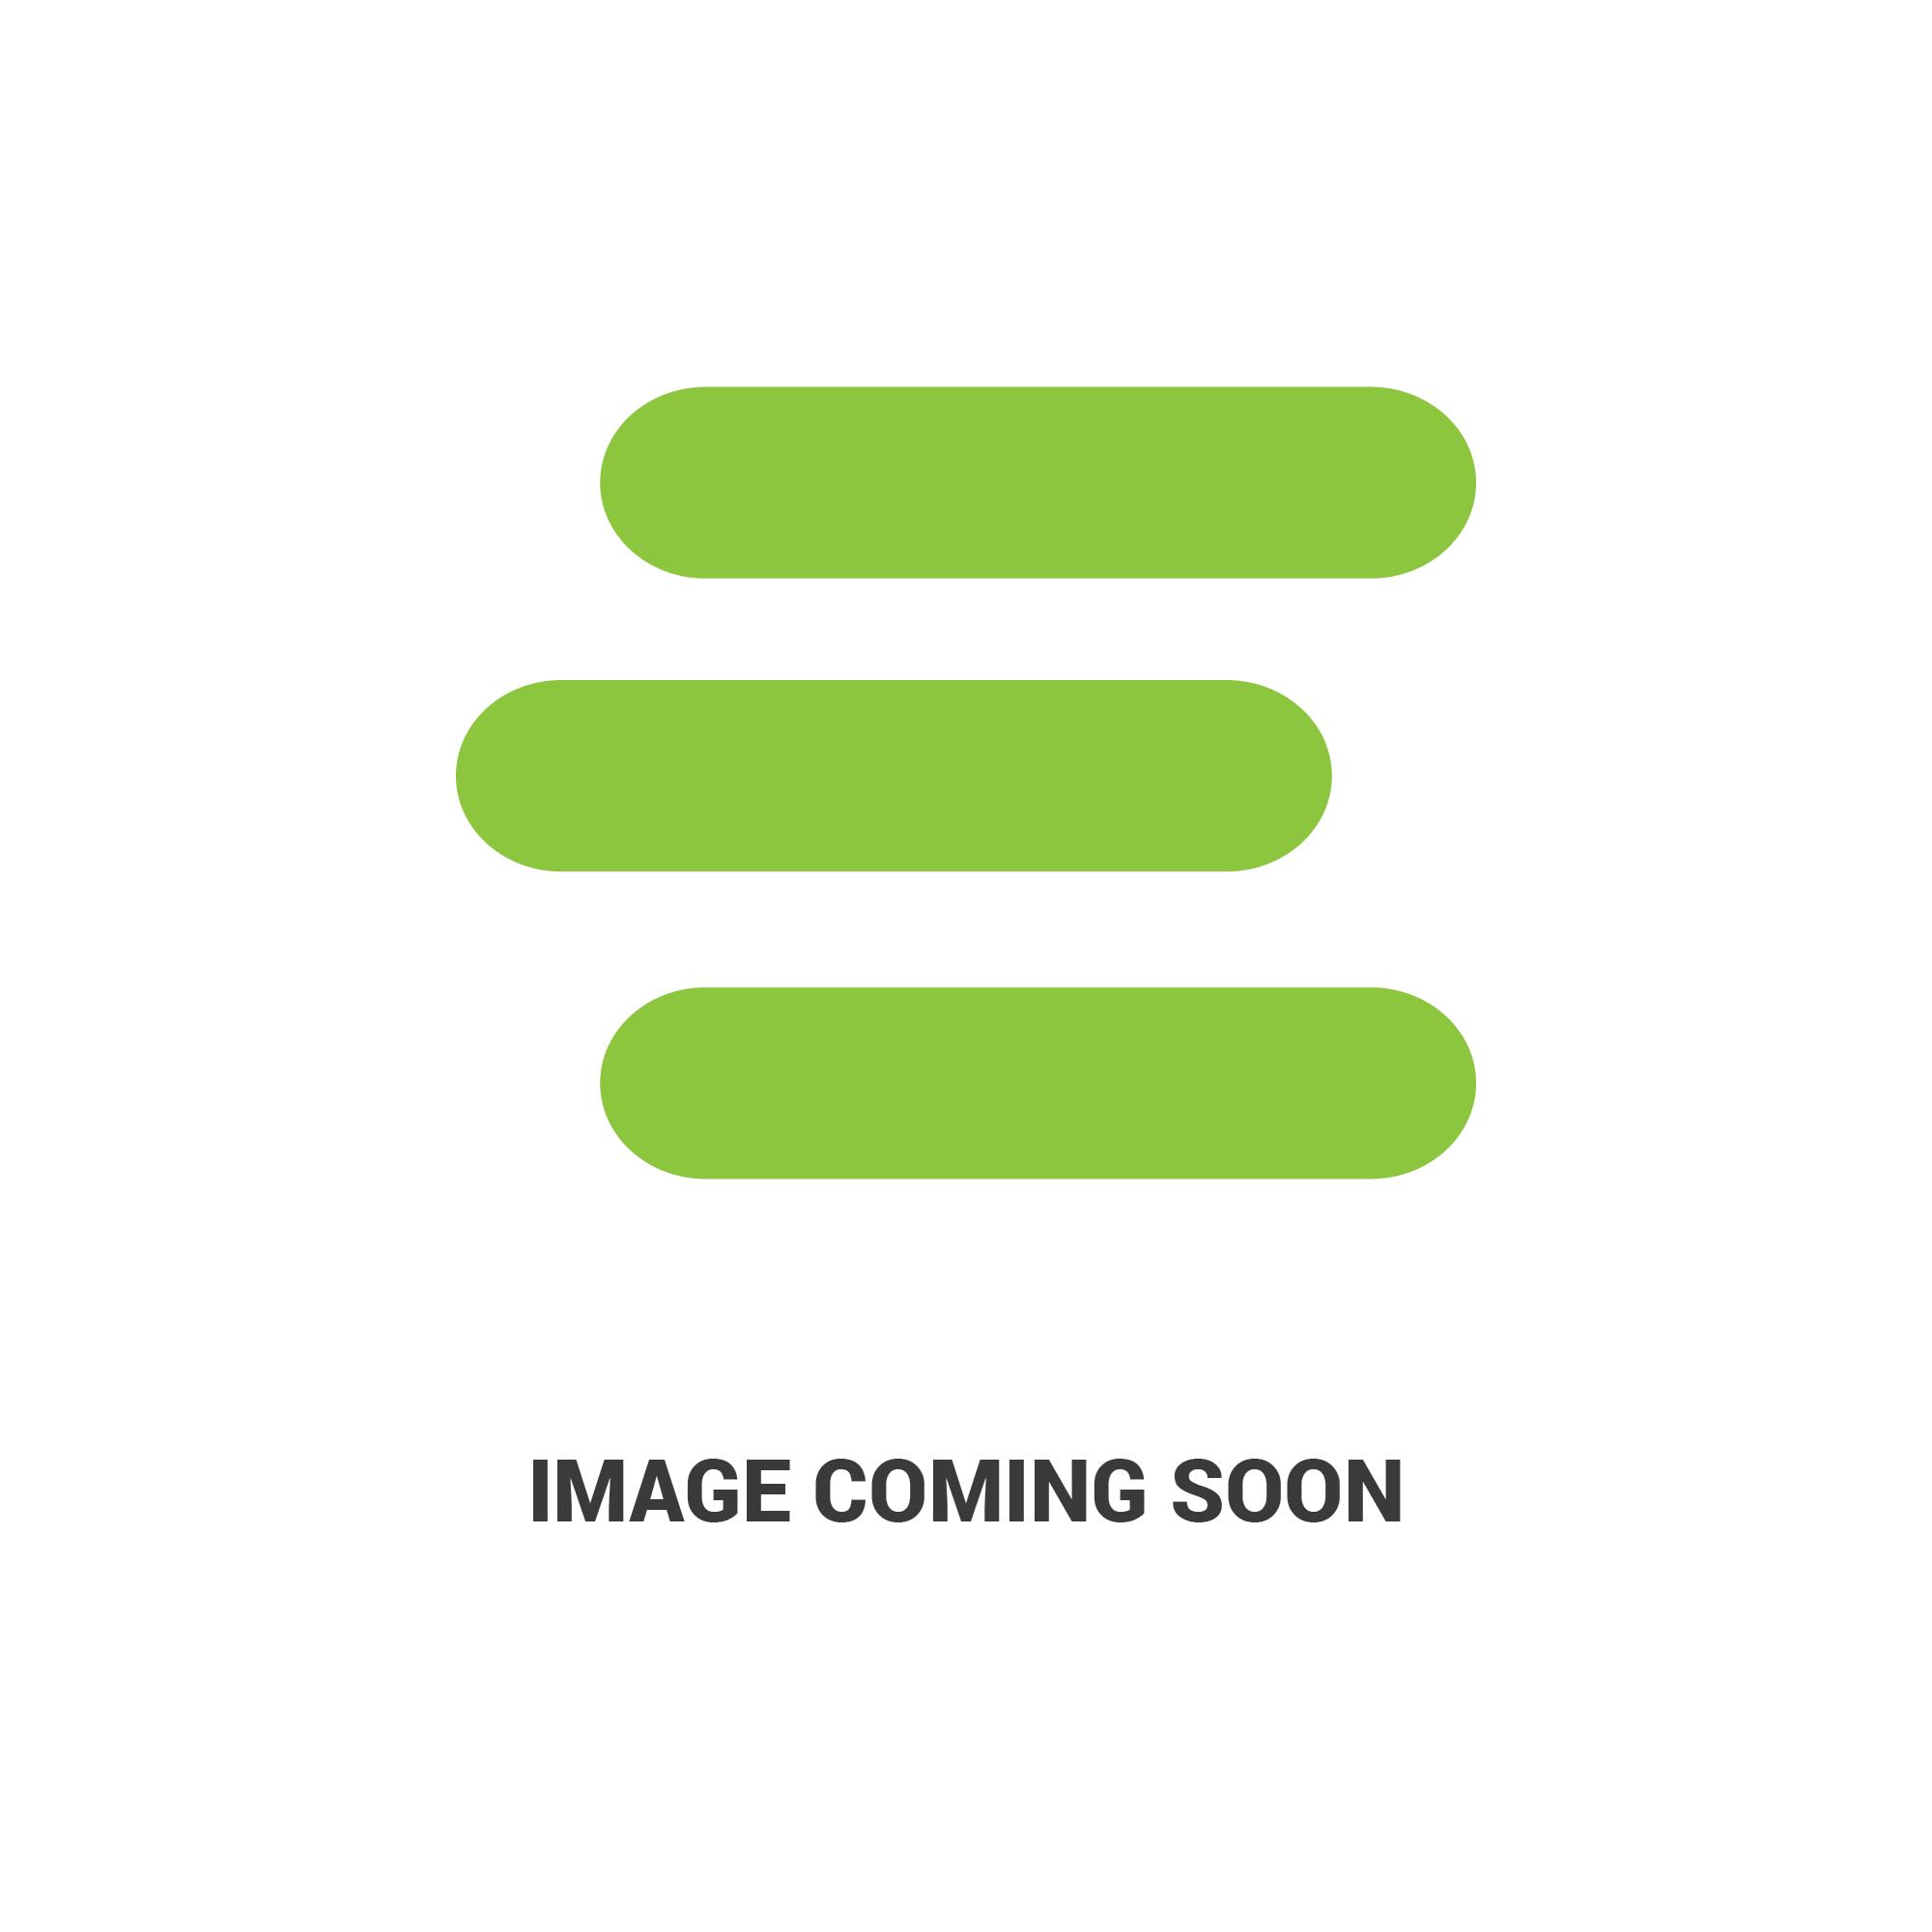 E-AM31029edit 1.jpg